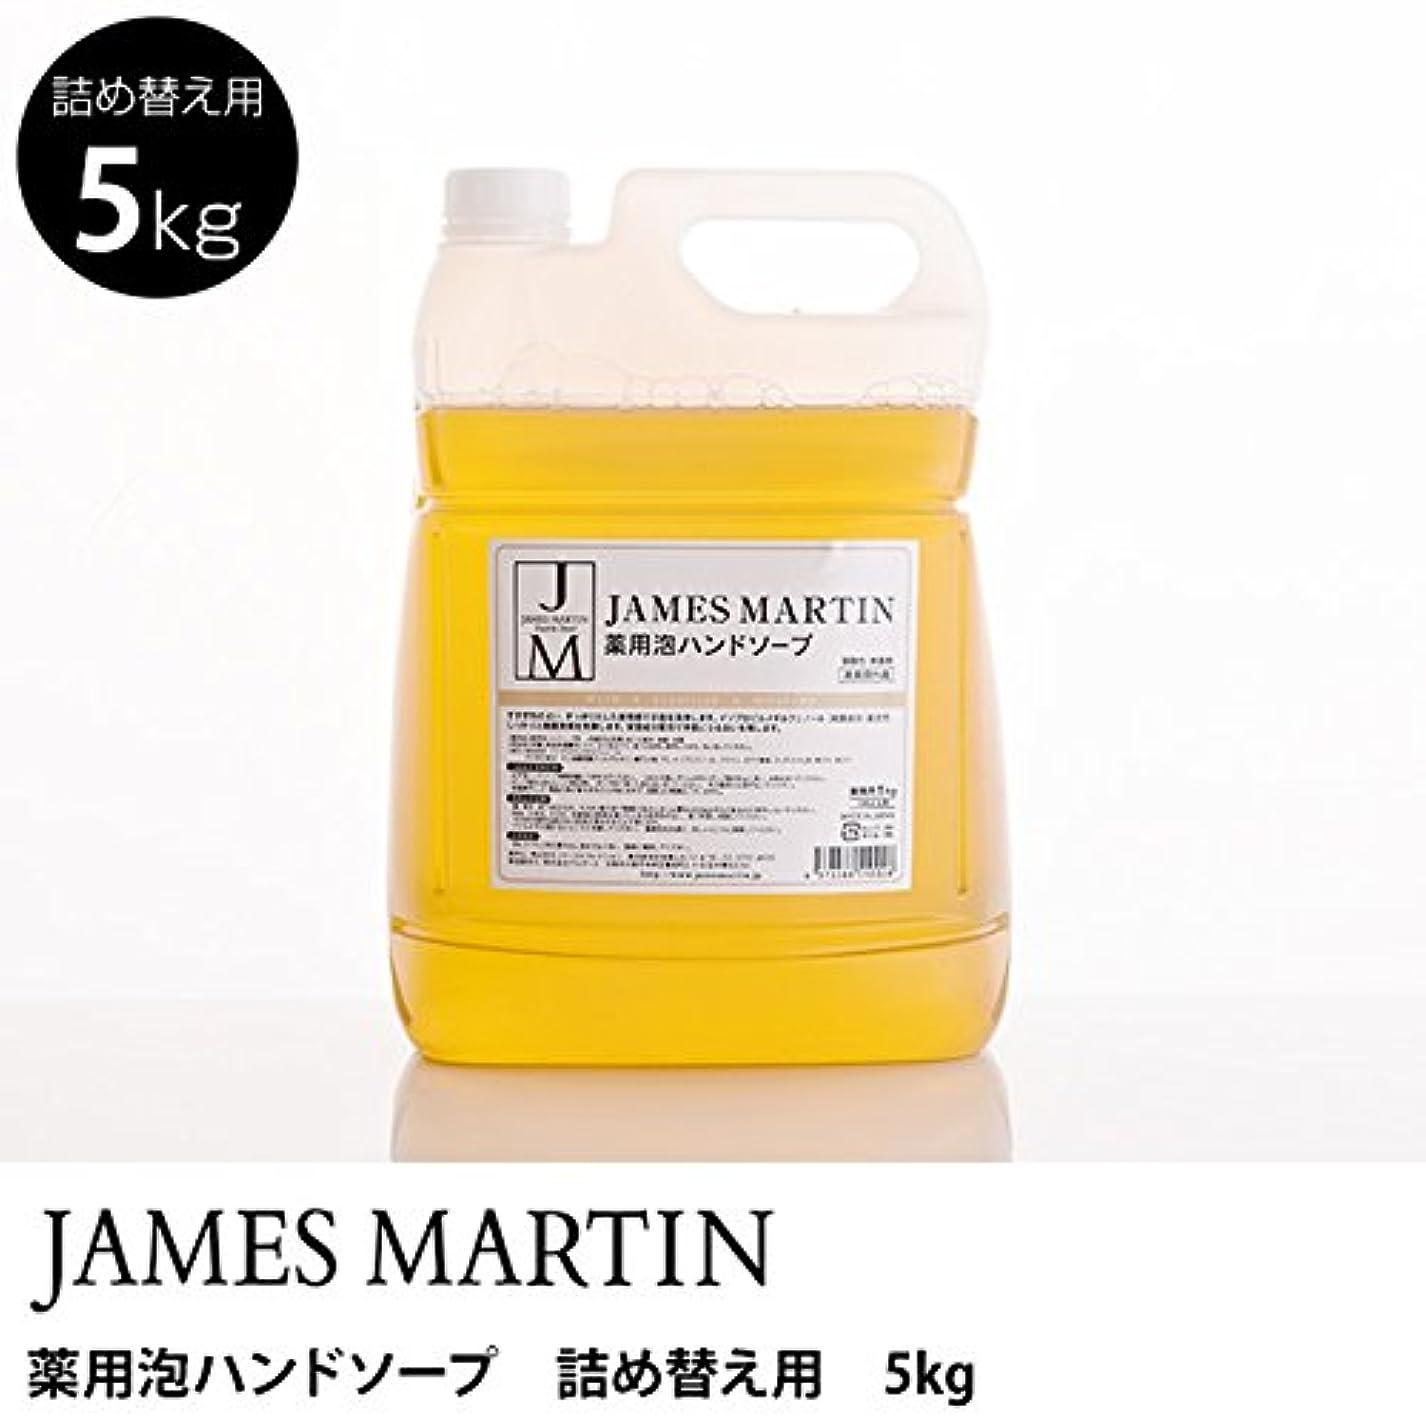 机ハイジャック百万ジェームズマーティン 薬用泡ハンドソープ(無香料) 詰替用 5kg